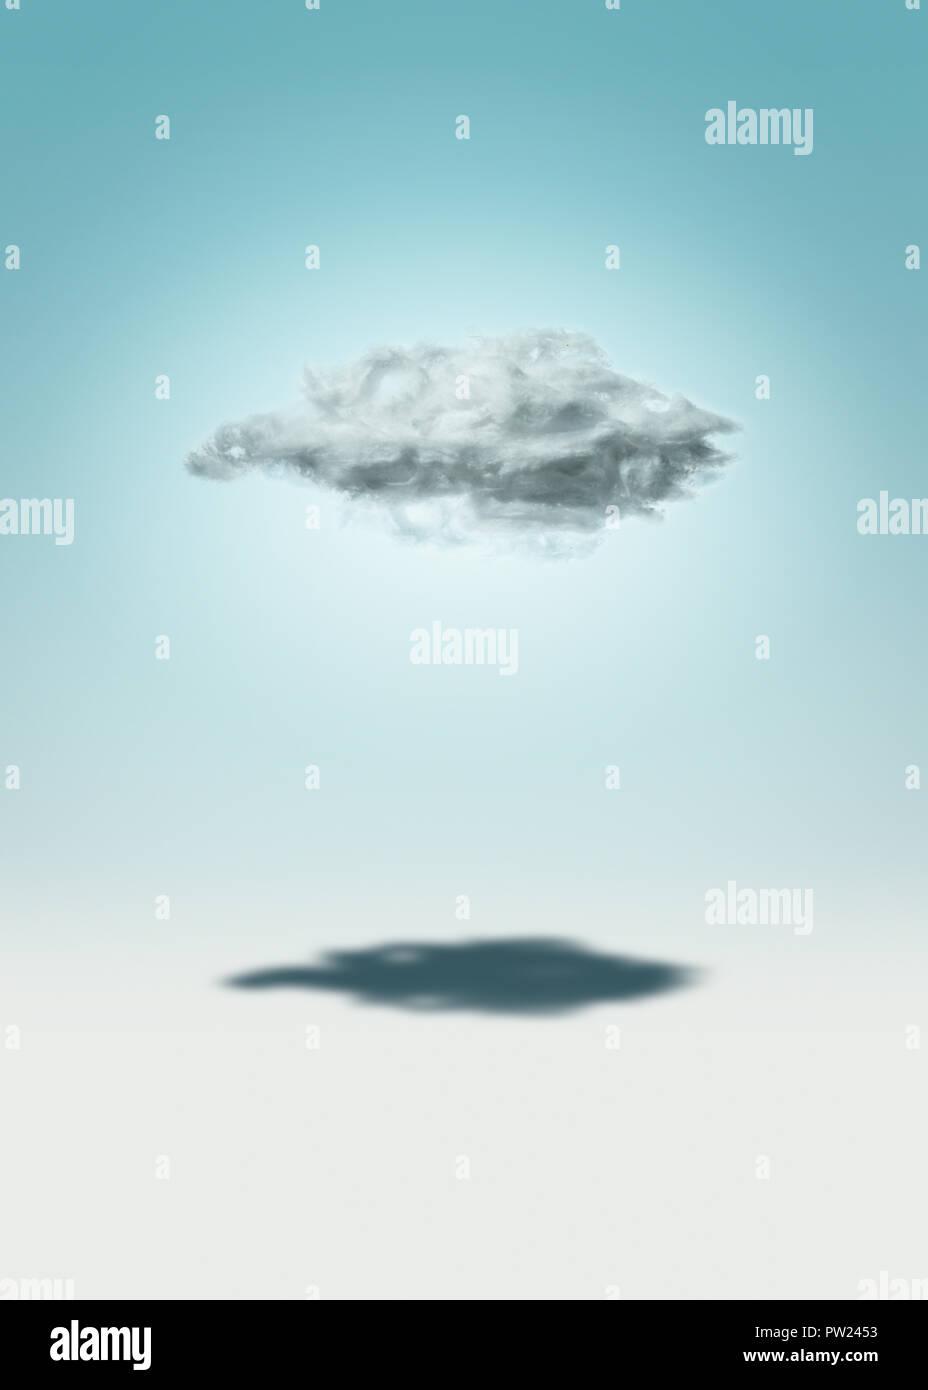 Das Konzept einer einzigen Cloud wirft einen Schatten, Einsamkeit, Single, Allein Stockbild